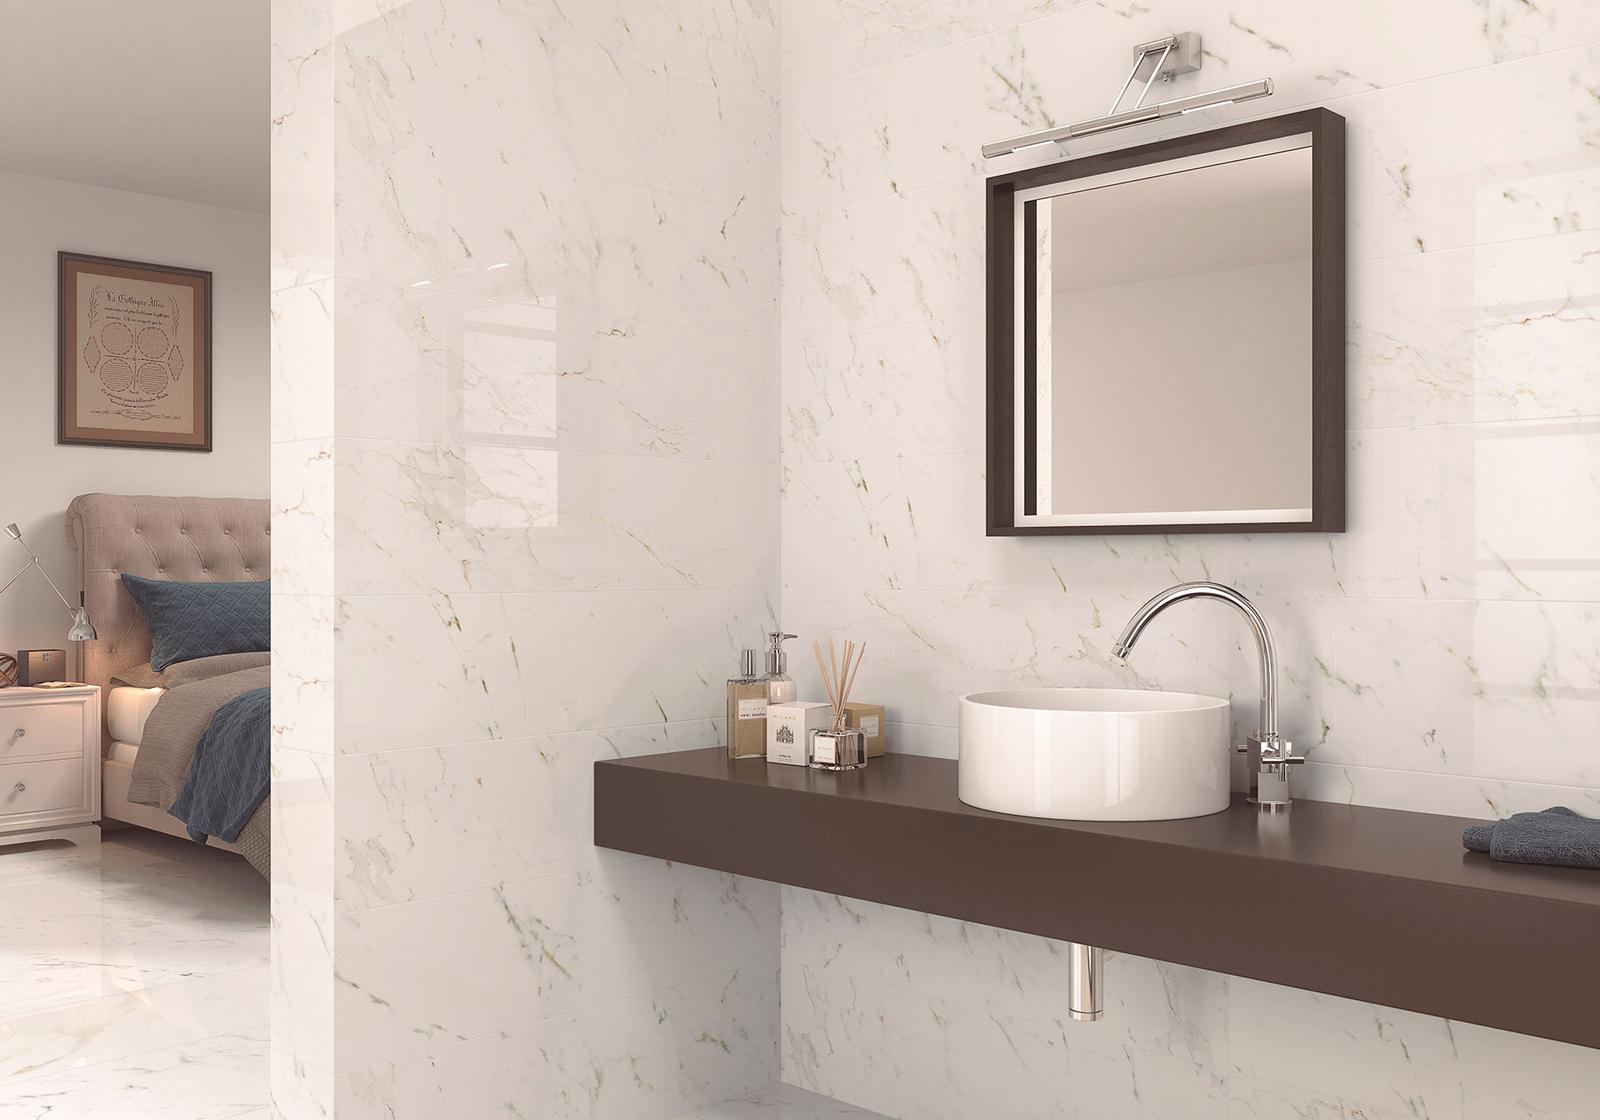 Luxusné kúpelne zo Španielska - luxusná lesklá kúpeľňa Calacatta pulido 49,1x98,2